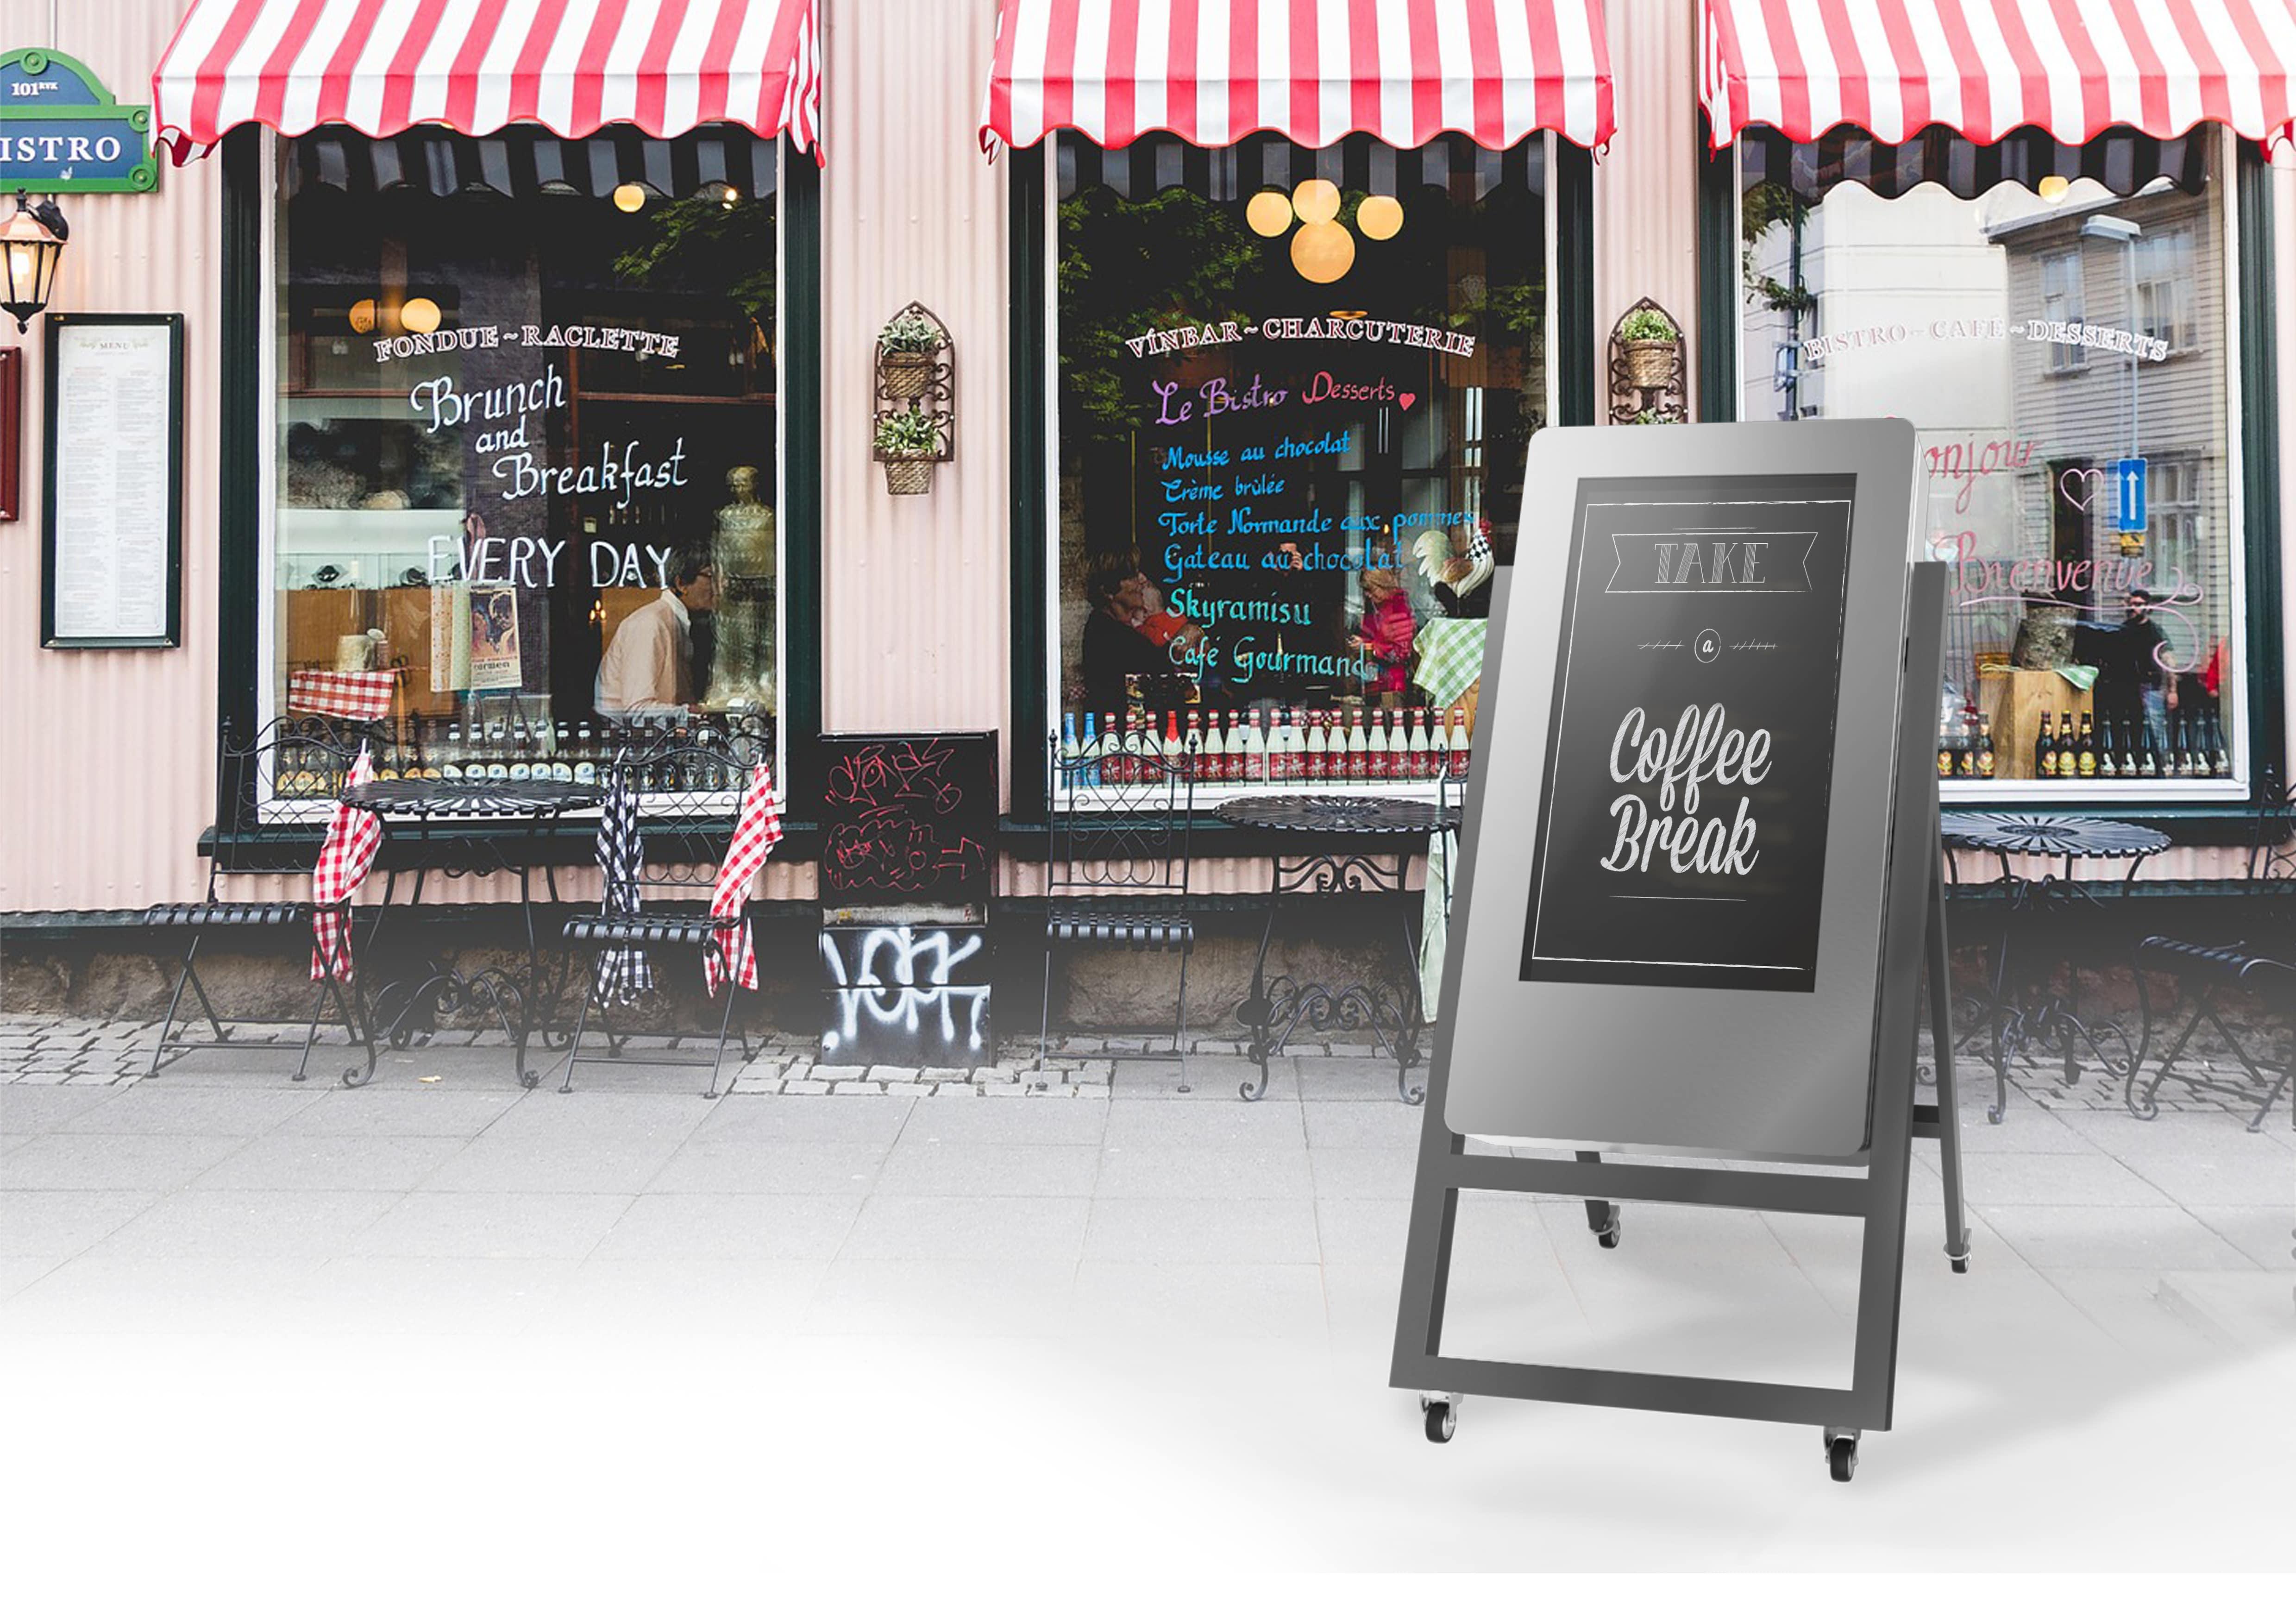 TRESTLE kiosk by PARTTEAM & OEMKIOSKS